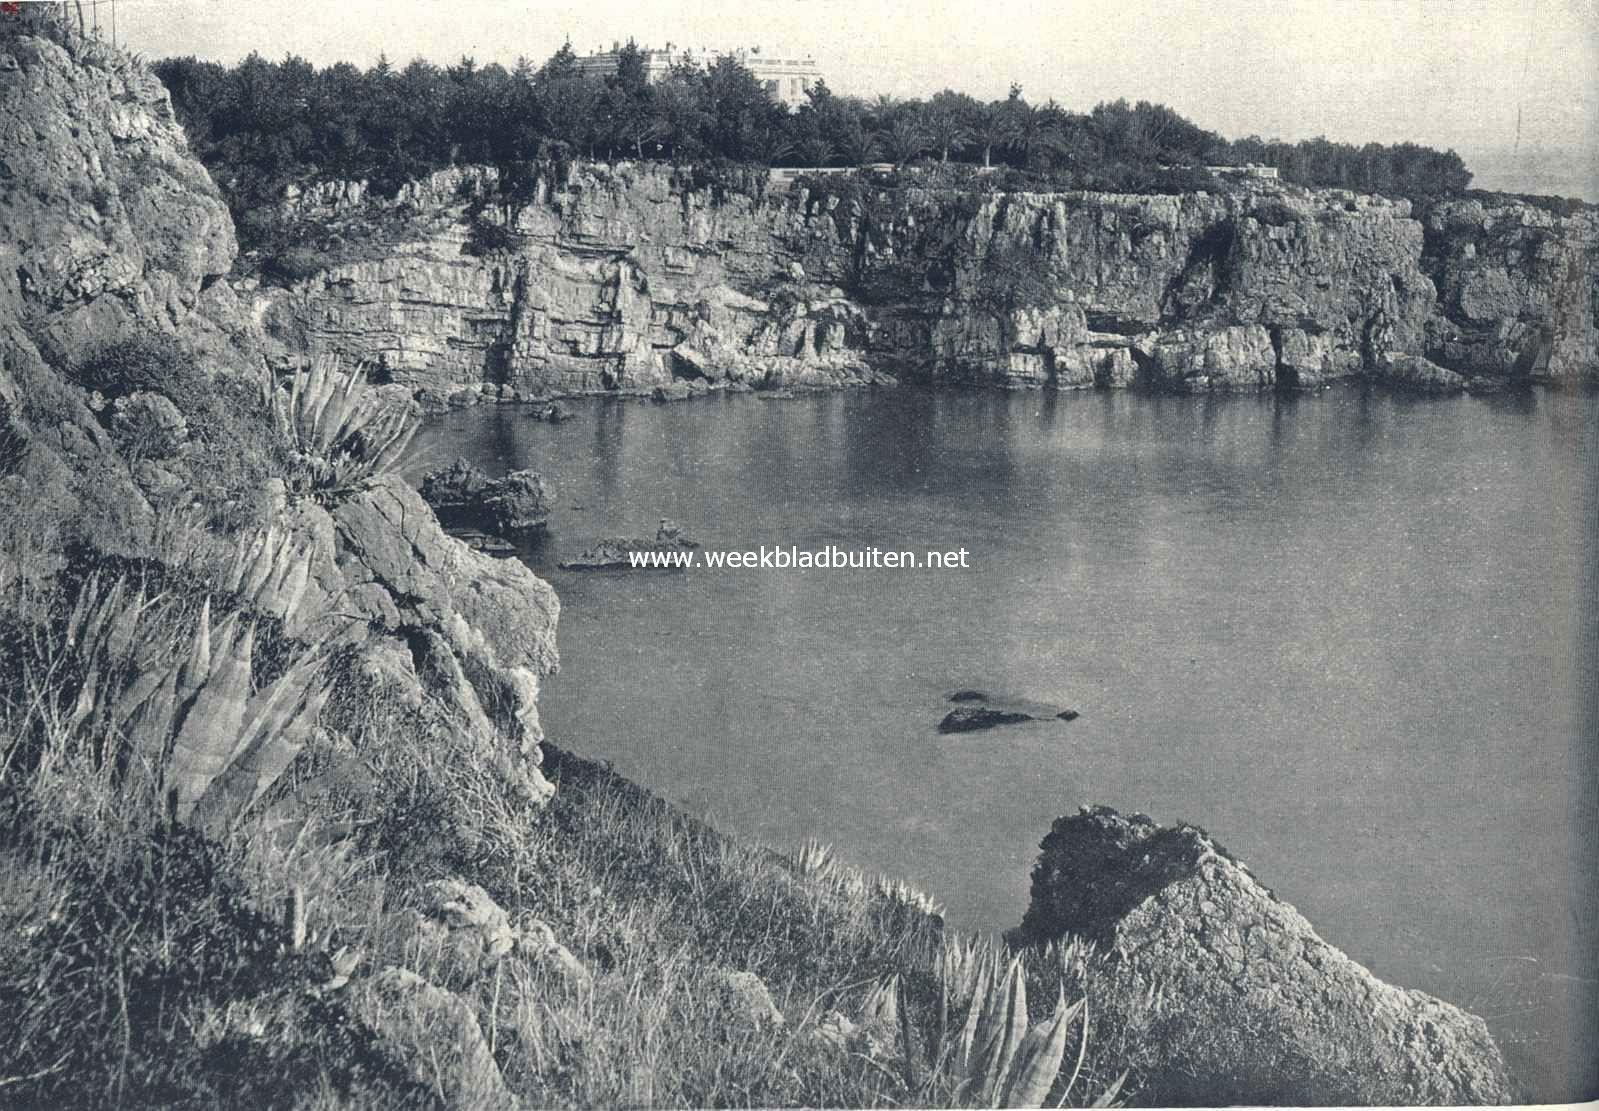 Rotsformaties en plantengroei aan de Azuurkust. Kleine baai aan den oostrand van het schiereiland La Garoupe. Uit het bosch van zeedennen verrijst de beroemde villa Eilenroc, de uit de kaap de Goede Hoop ingevoerde decoratieve aloë groeit hier in het wild tegen de kalkrotsen op den voorgrond